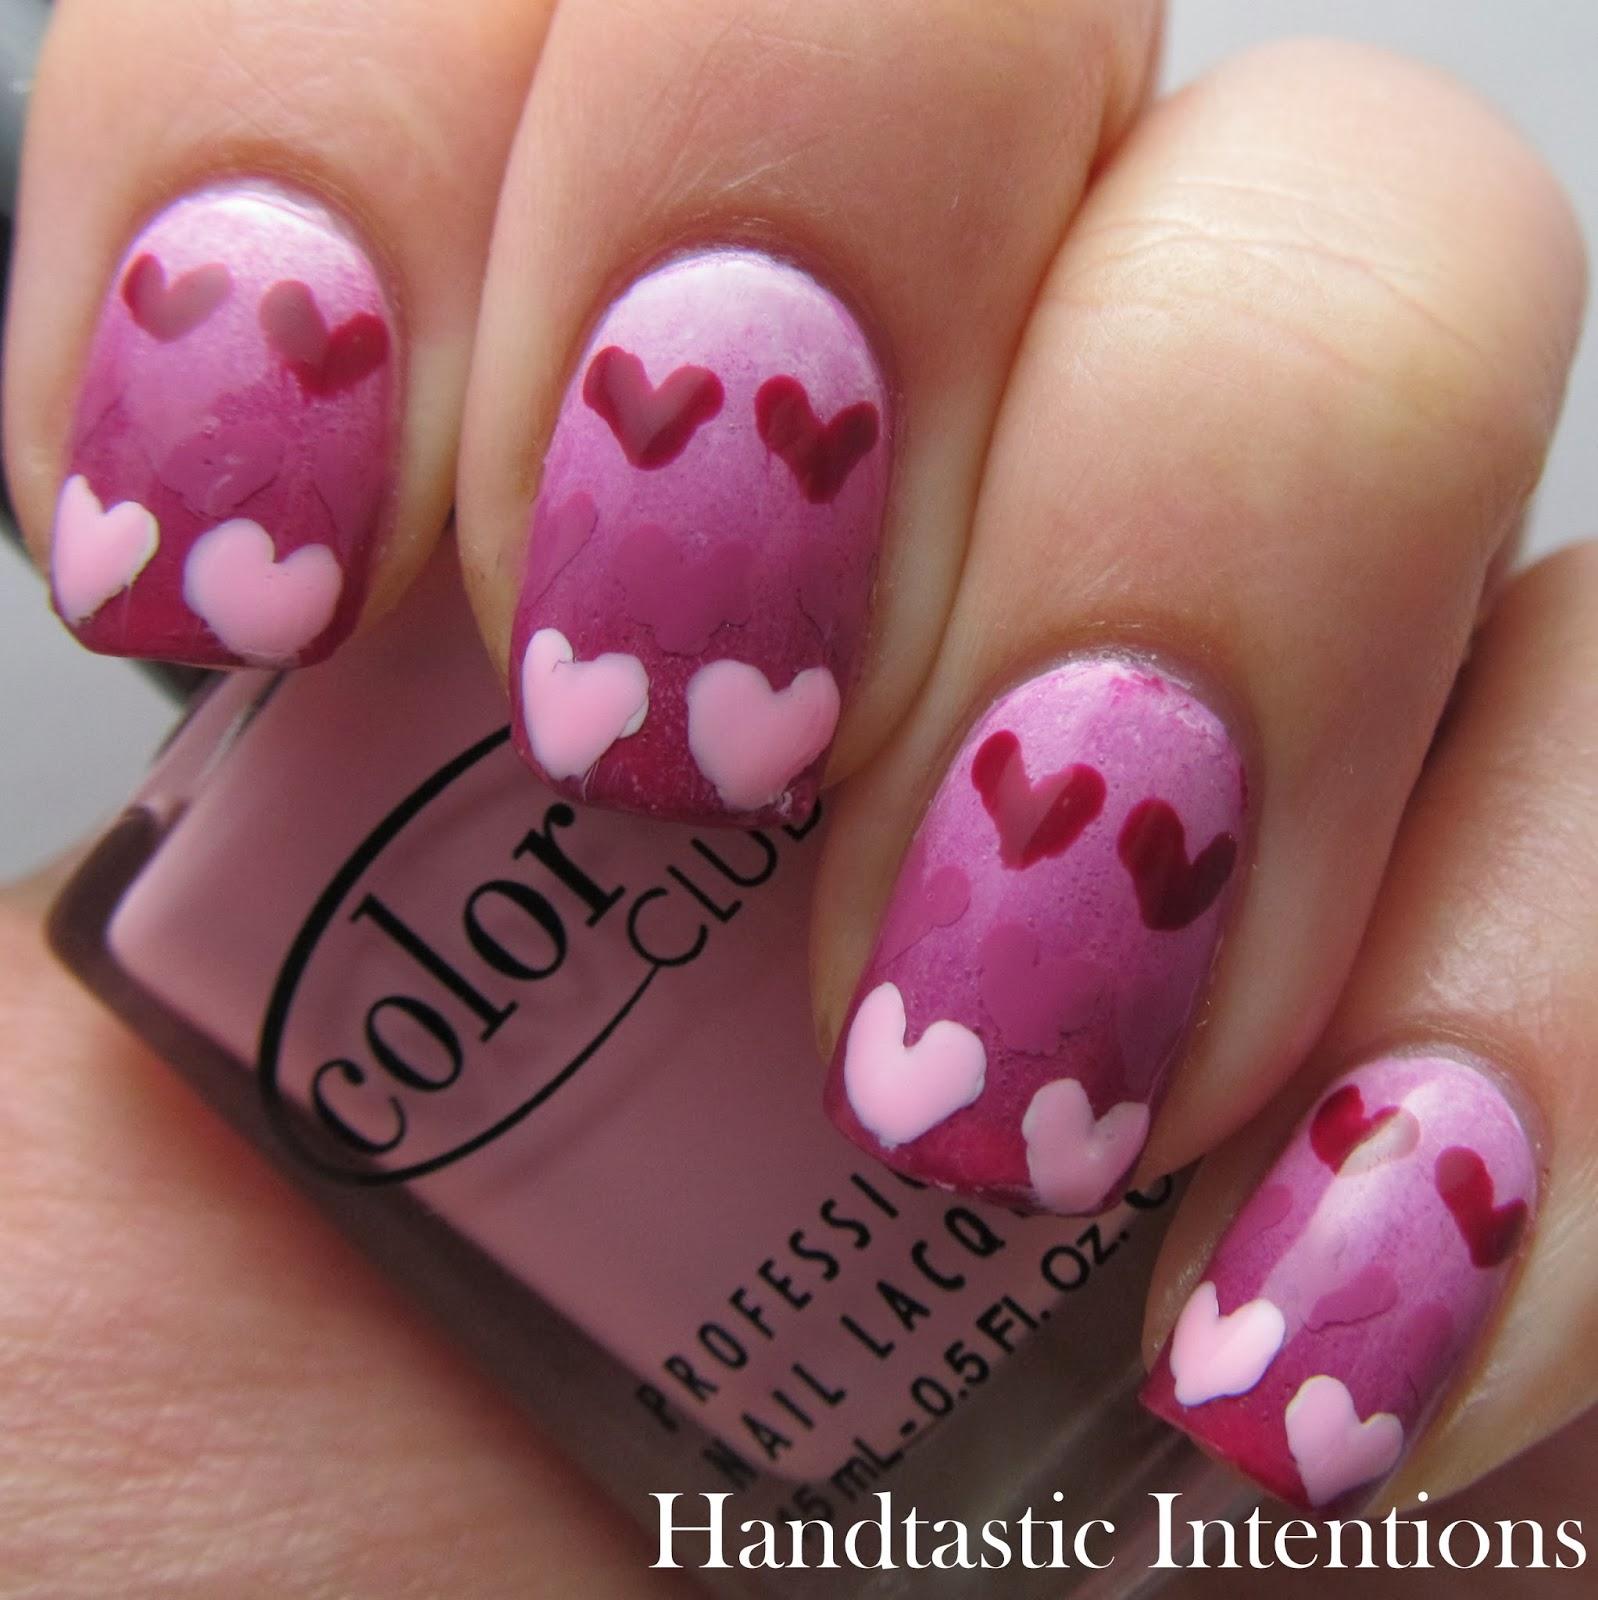 Handtastic Intentions: Nail Art: Gradient Hearts